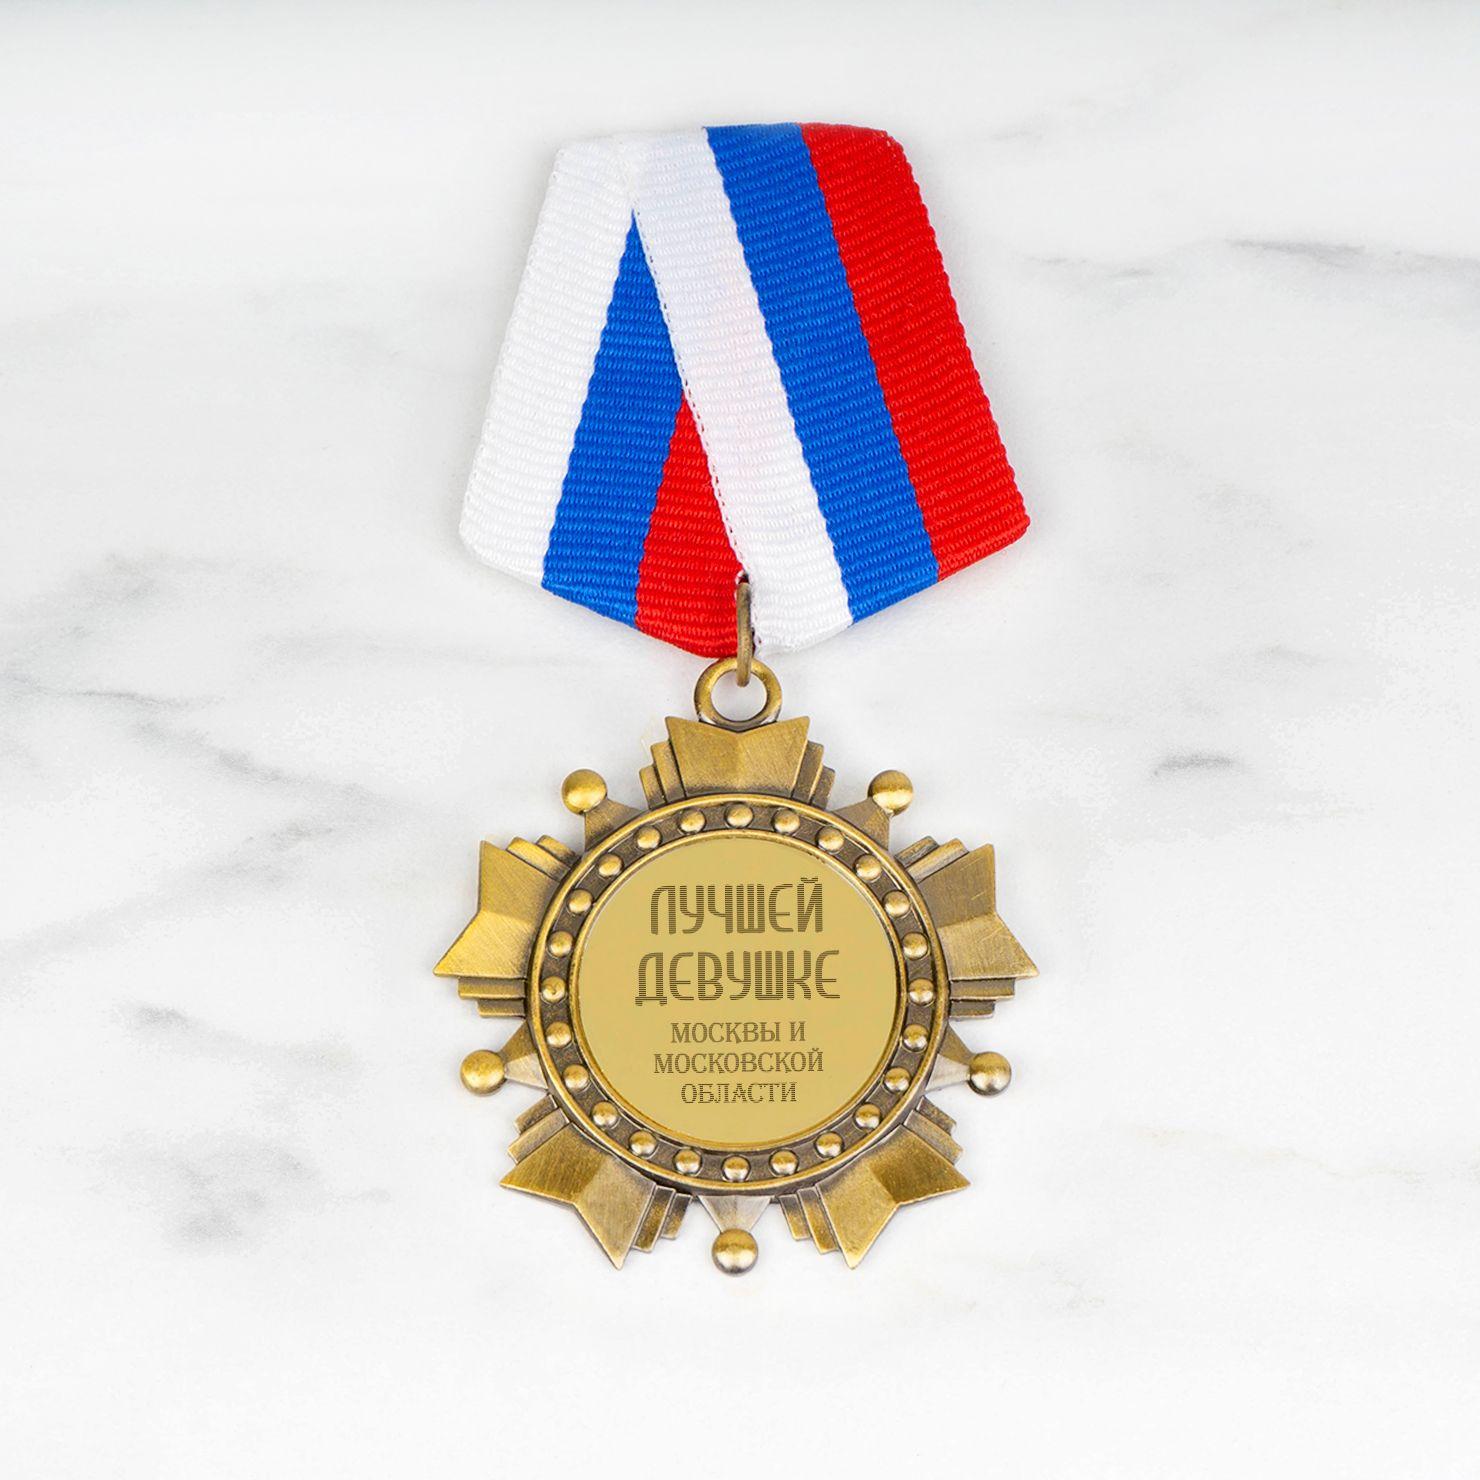 Орден *Лучшей девушке Москвы и Московской области*